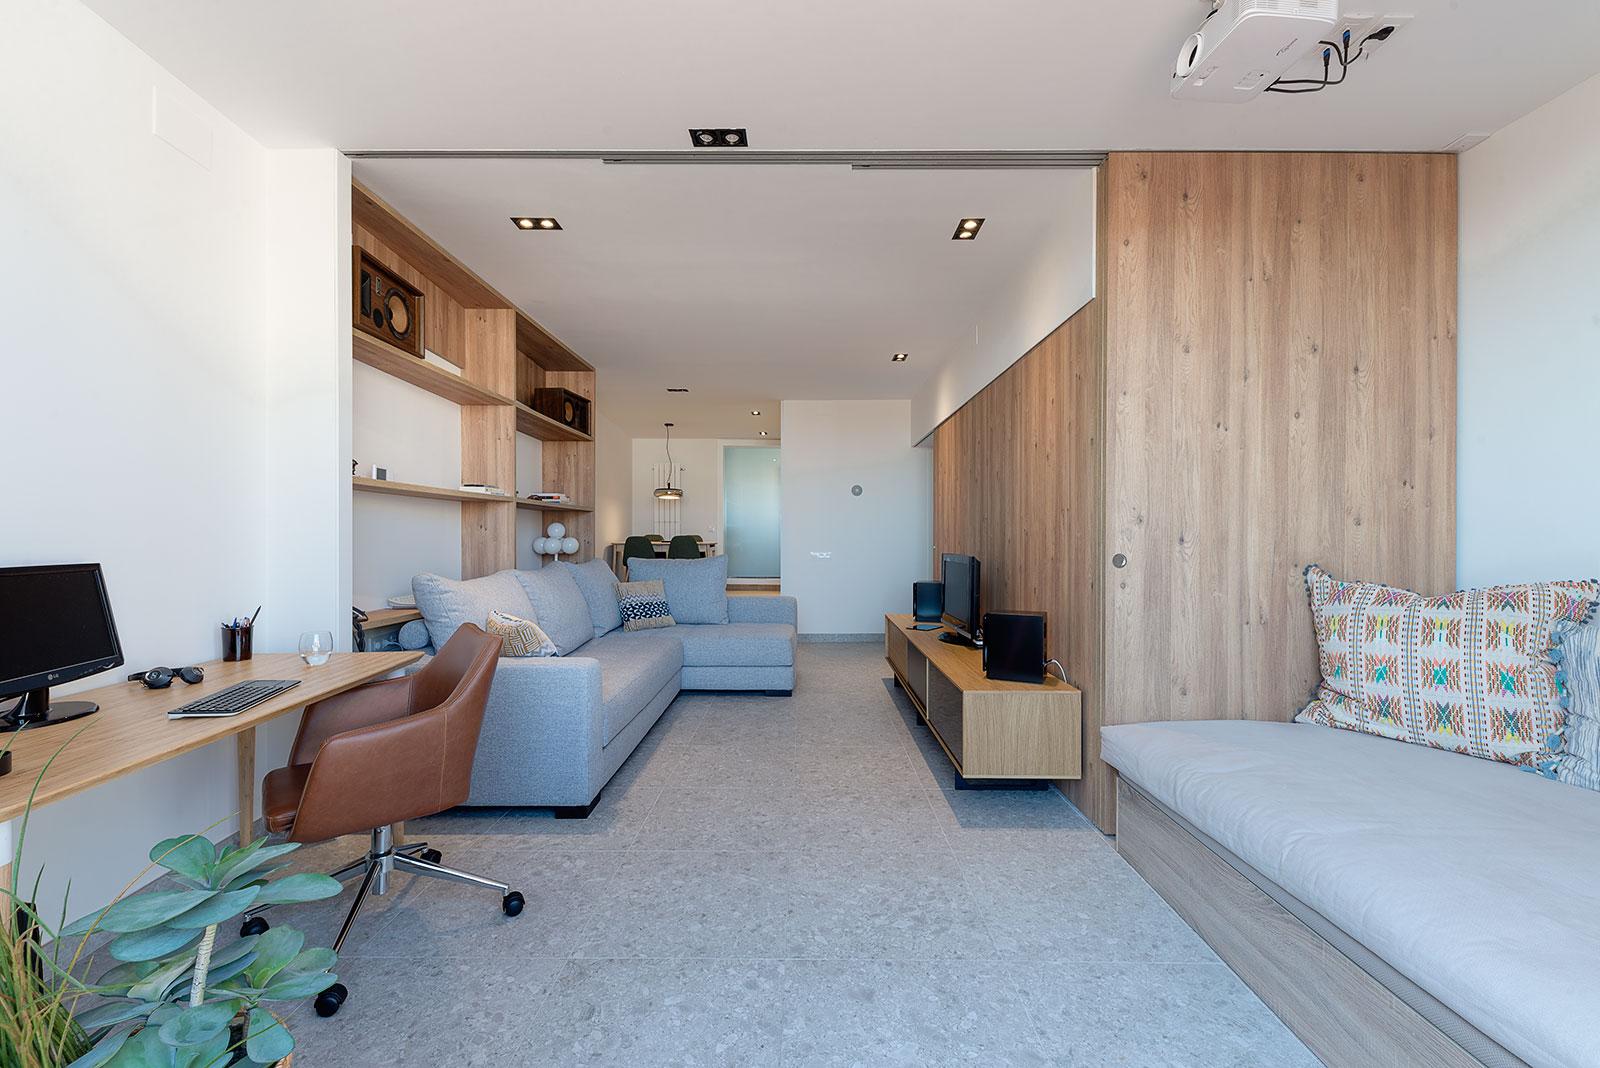 Proyectos de interiorismo de viviendas en Barcelona